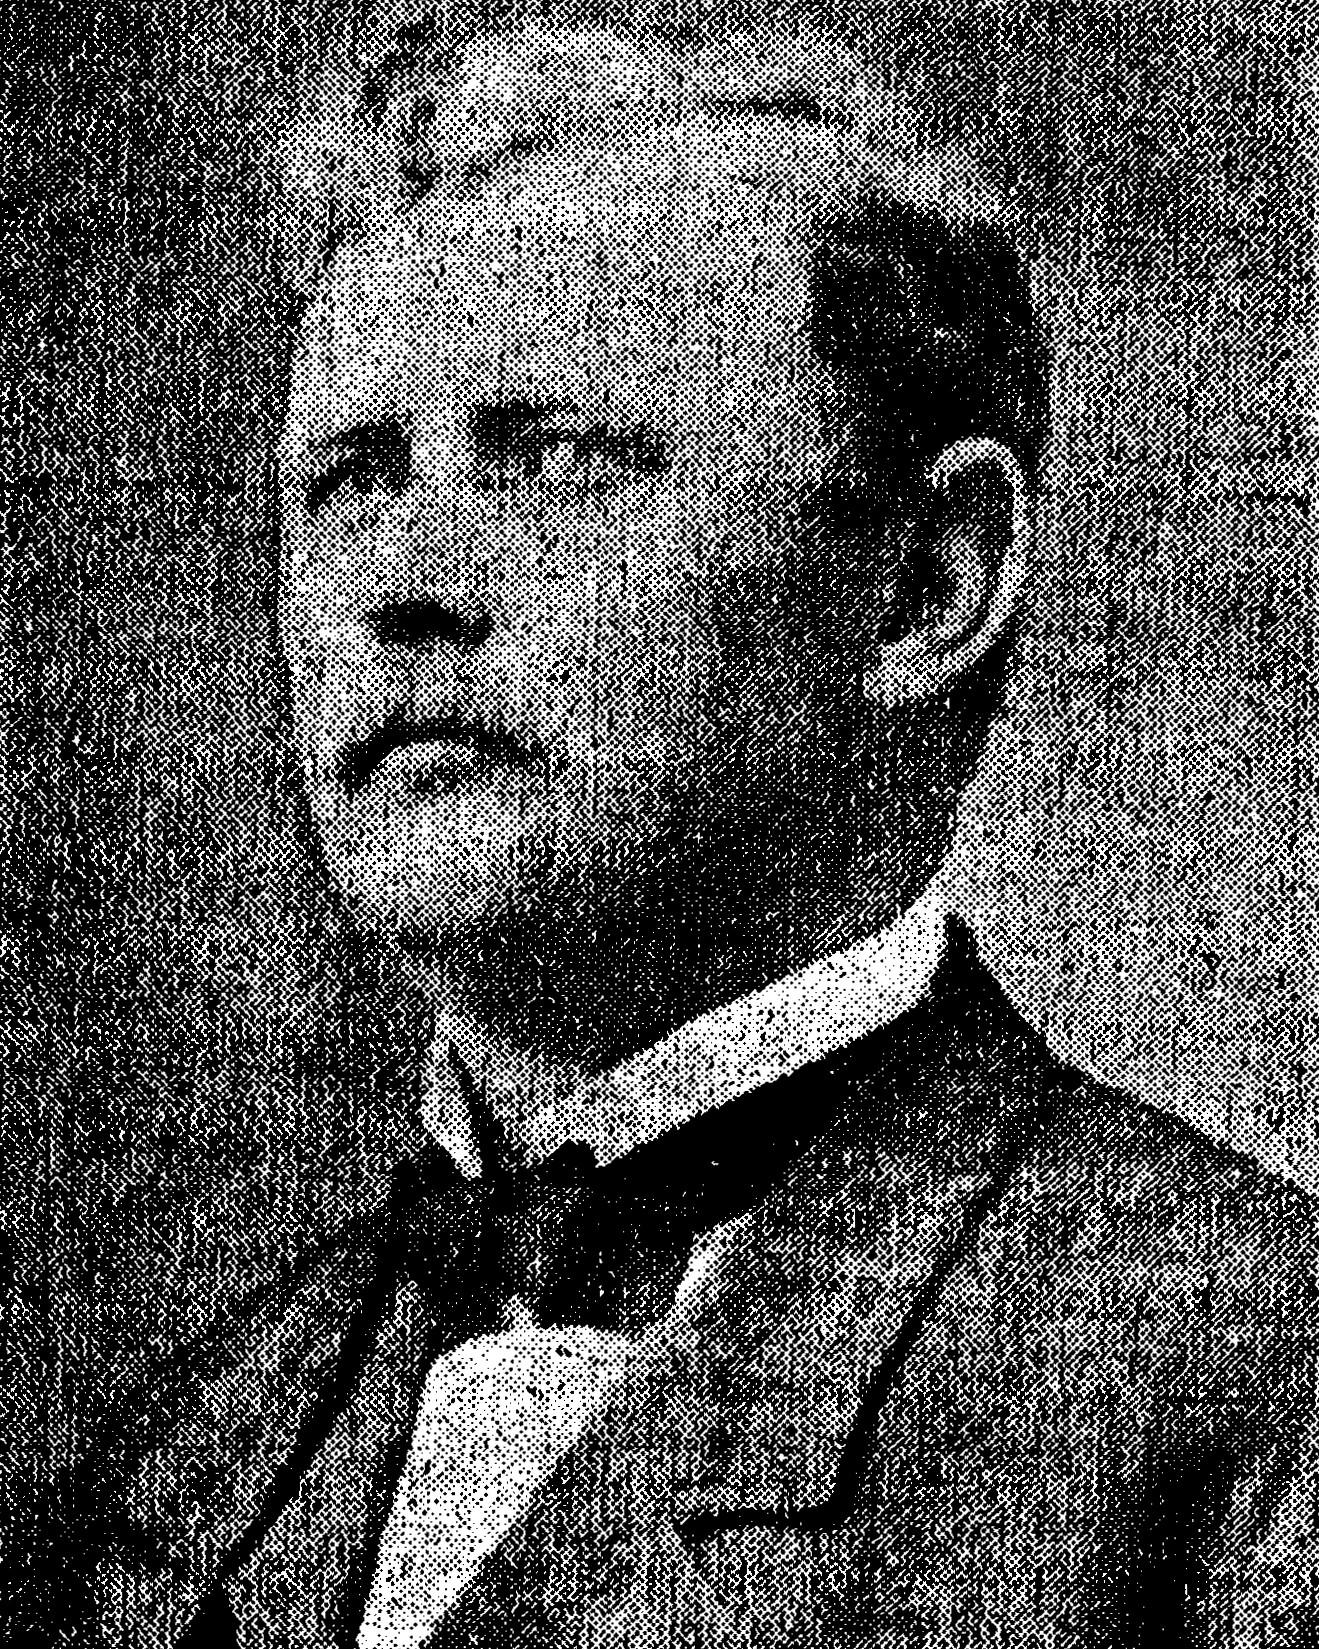 Deputy Sheriff Clarence Woolman | Pottawattamie County Sheriff's Office, Iowa